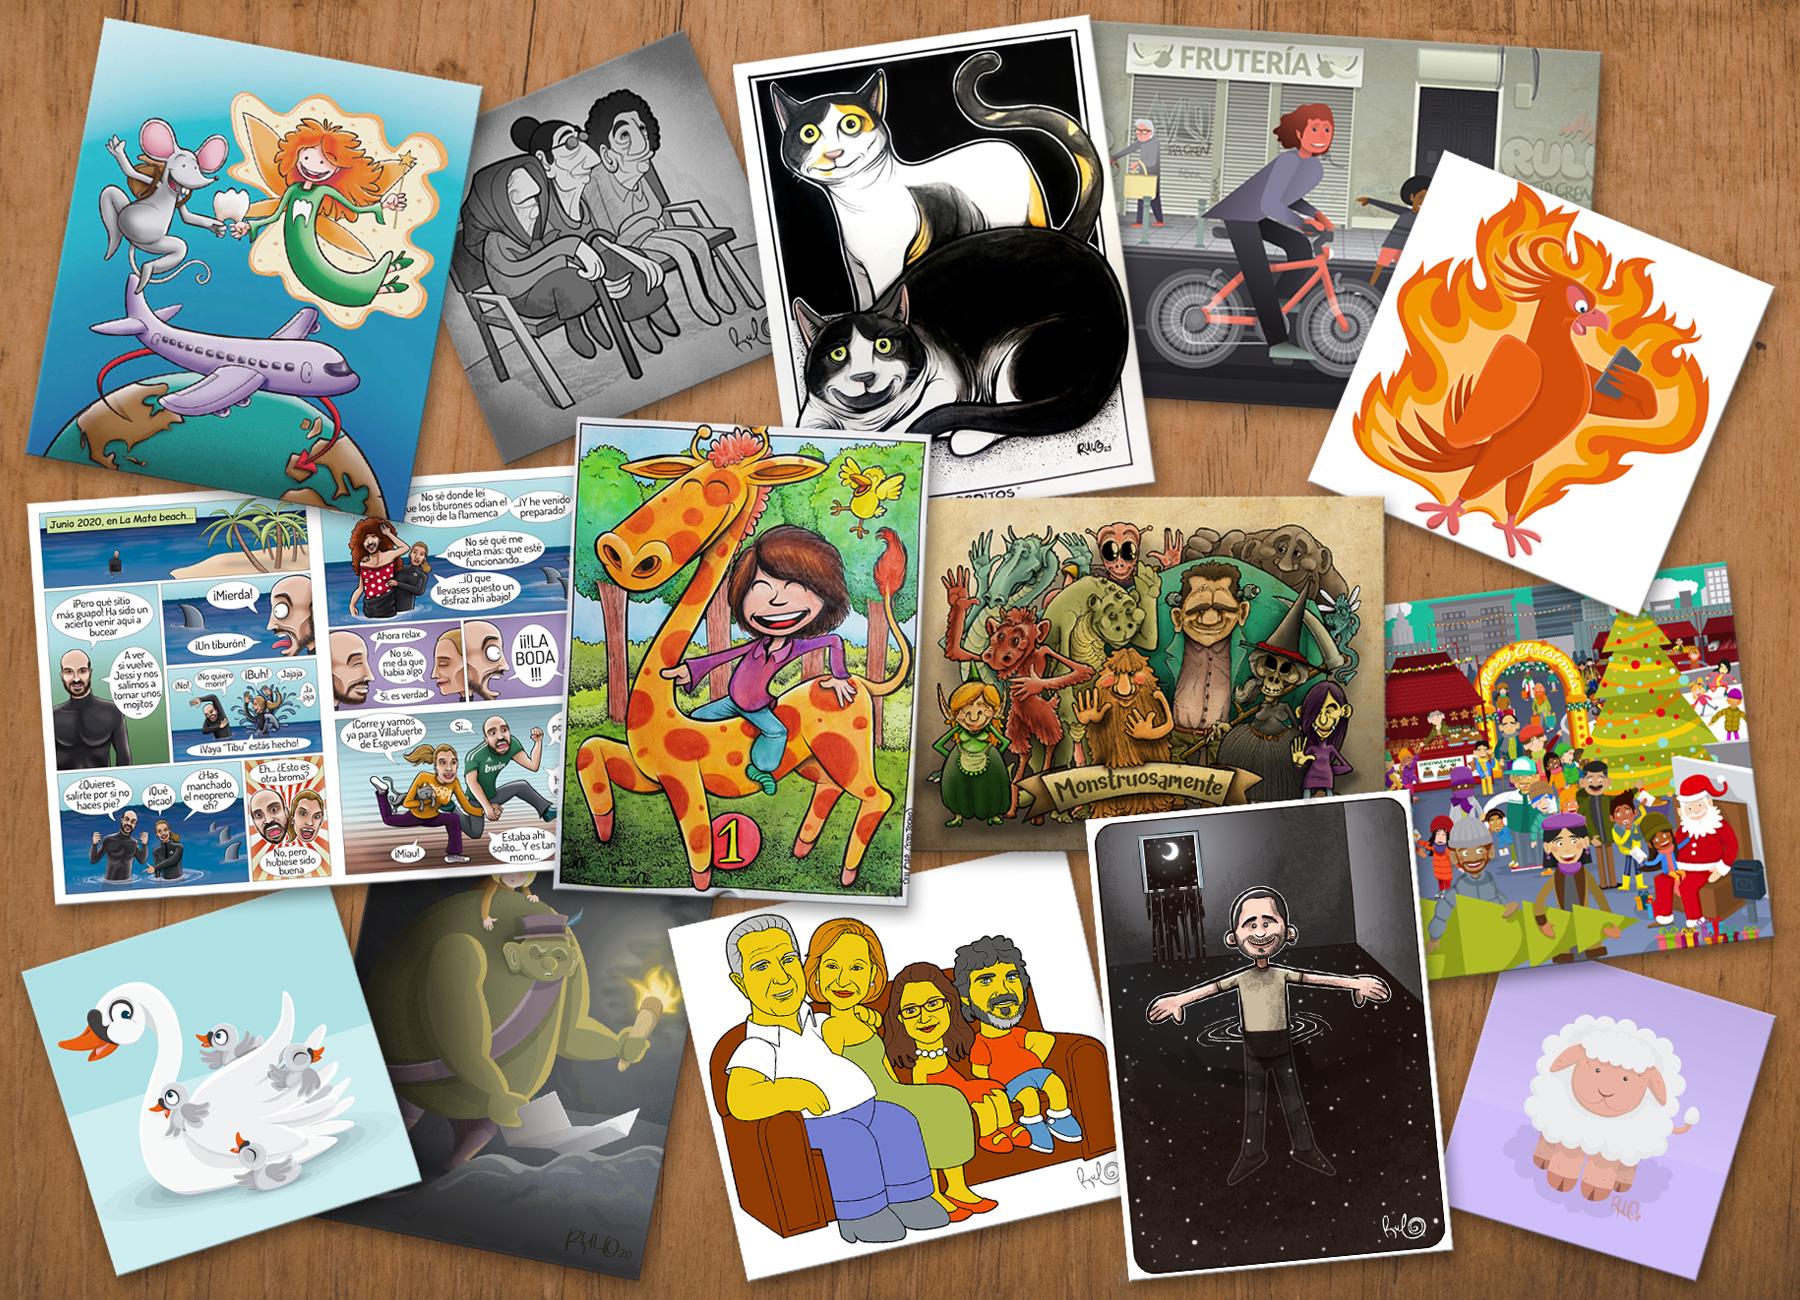 Montaje Rulo Mis trabajos de ilustración LA RULOTECA Ilustrador freelance